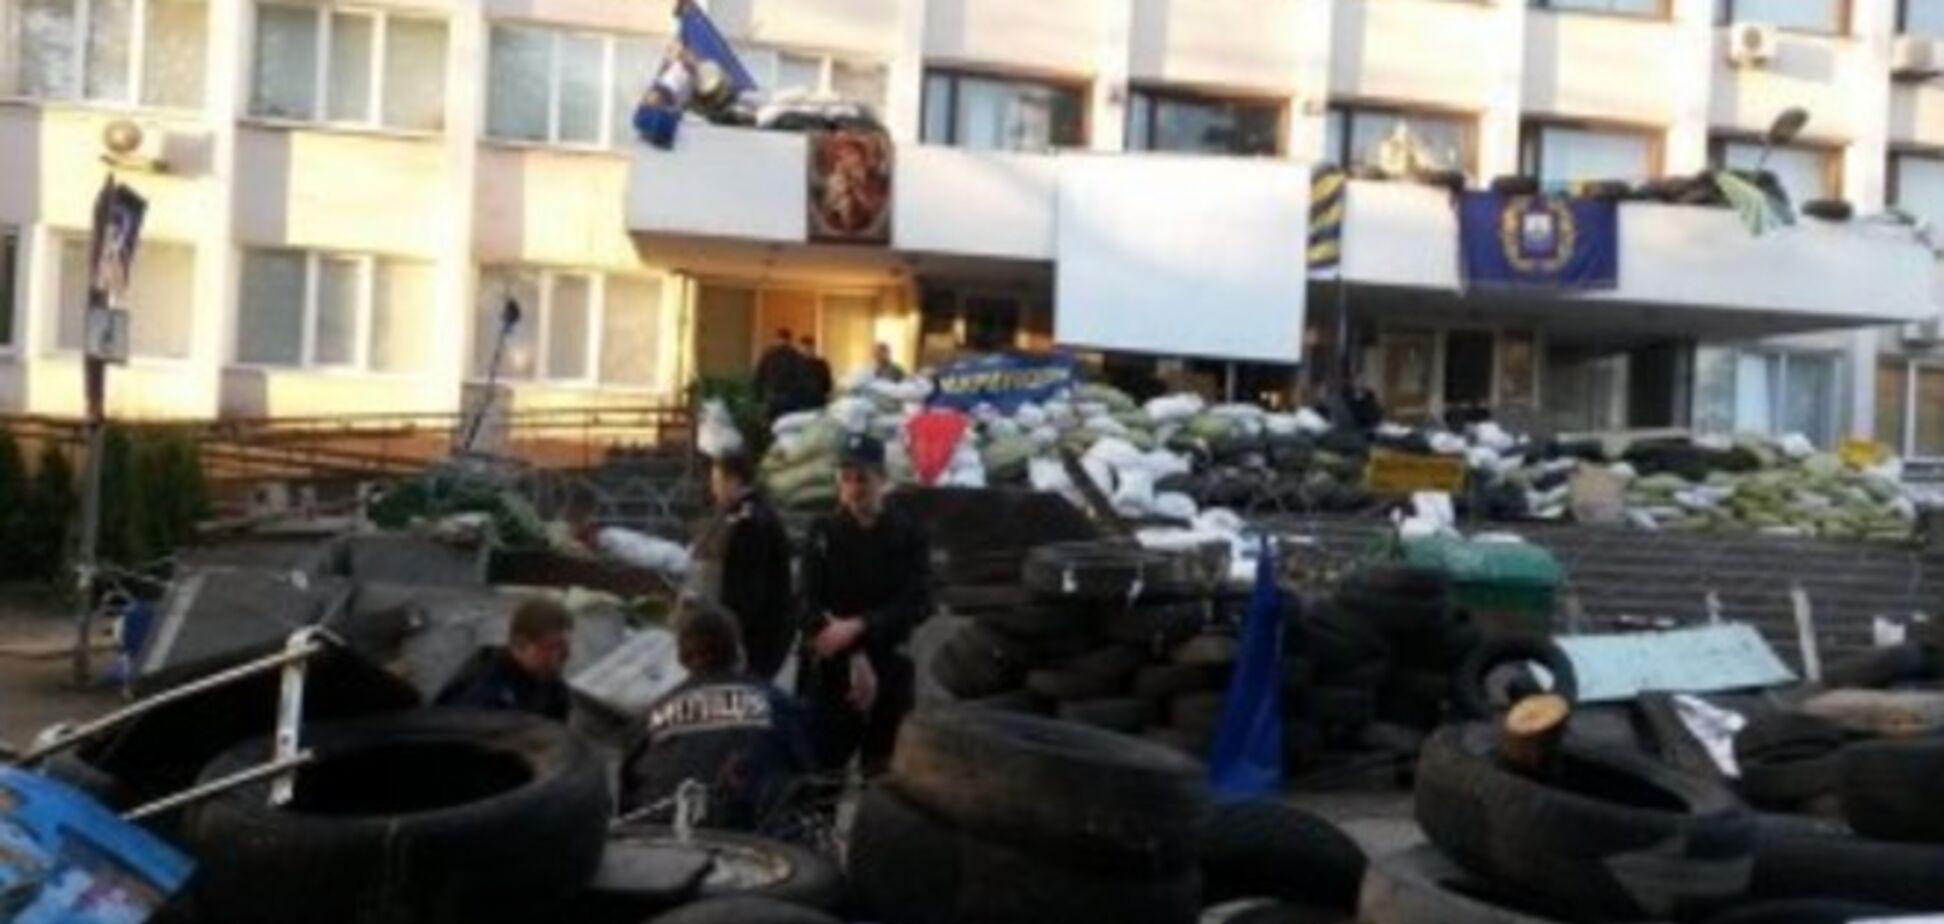 Посібники терористів спробували увійти до будівлі Маріупольської міськради і отруїлися газом